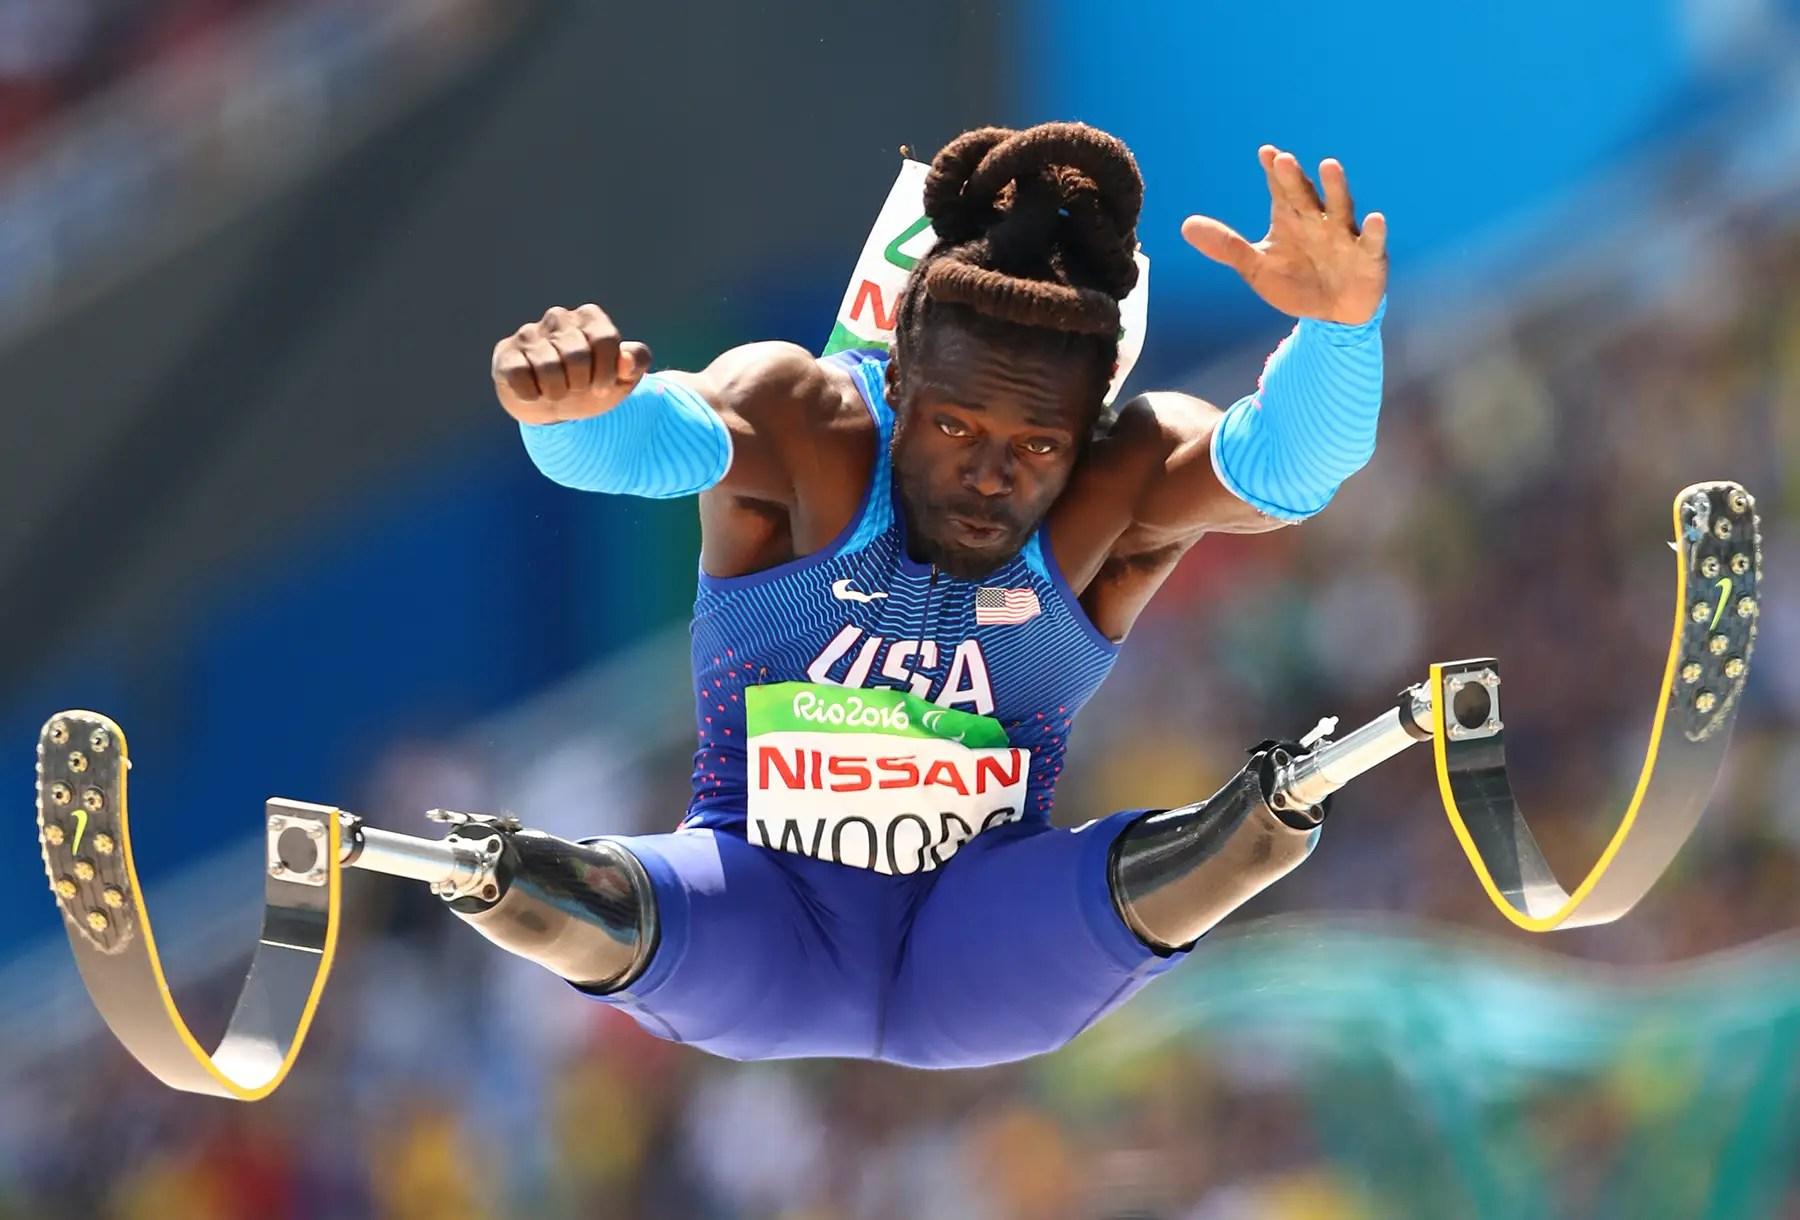 Regas Woods del equipo de EE.UU. compite en salto de longitud de los hombres.